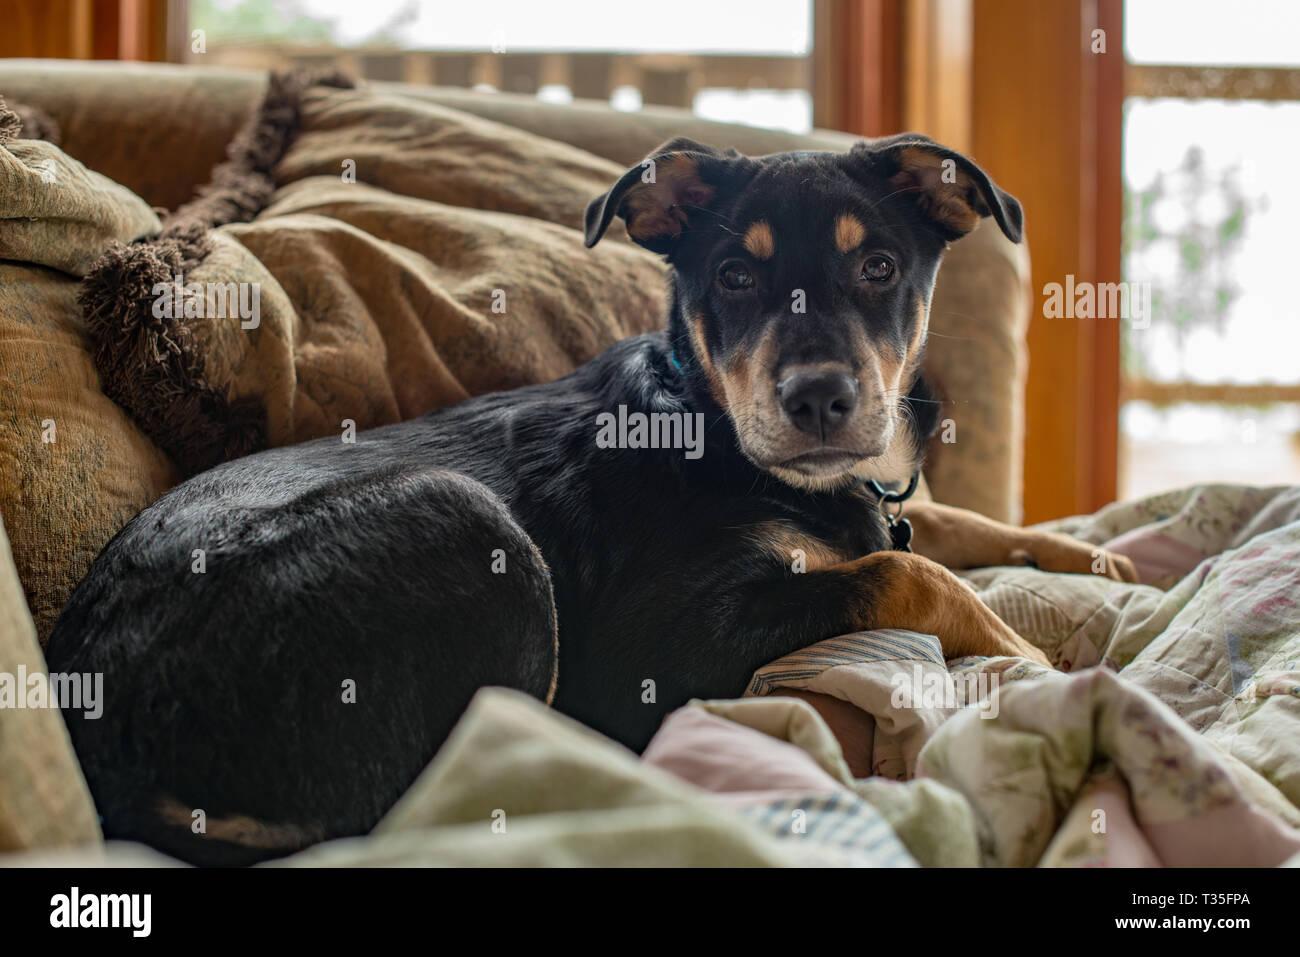 Este cachorro huérfano fue adoptado recientemente de una organización de rescate, pero ahora está feliz de participar en su familia de vacaciones en una cabaña de montaña. Foto de stock